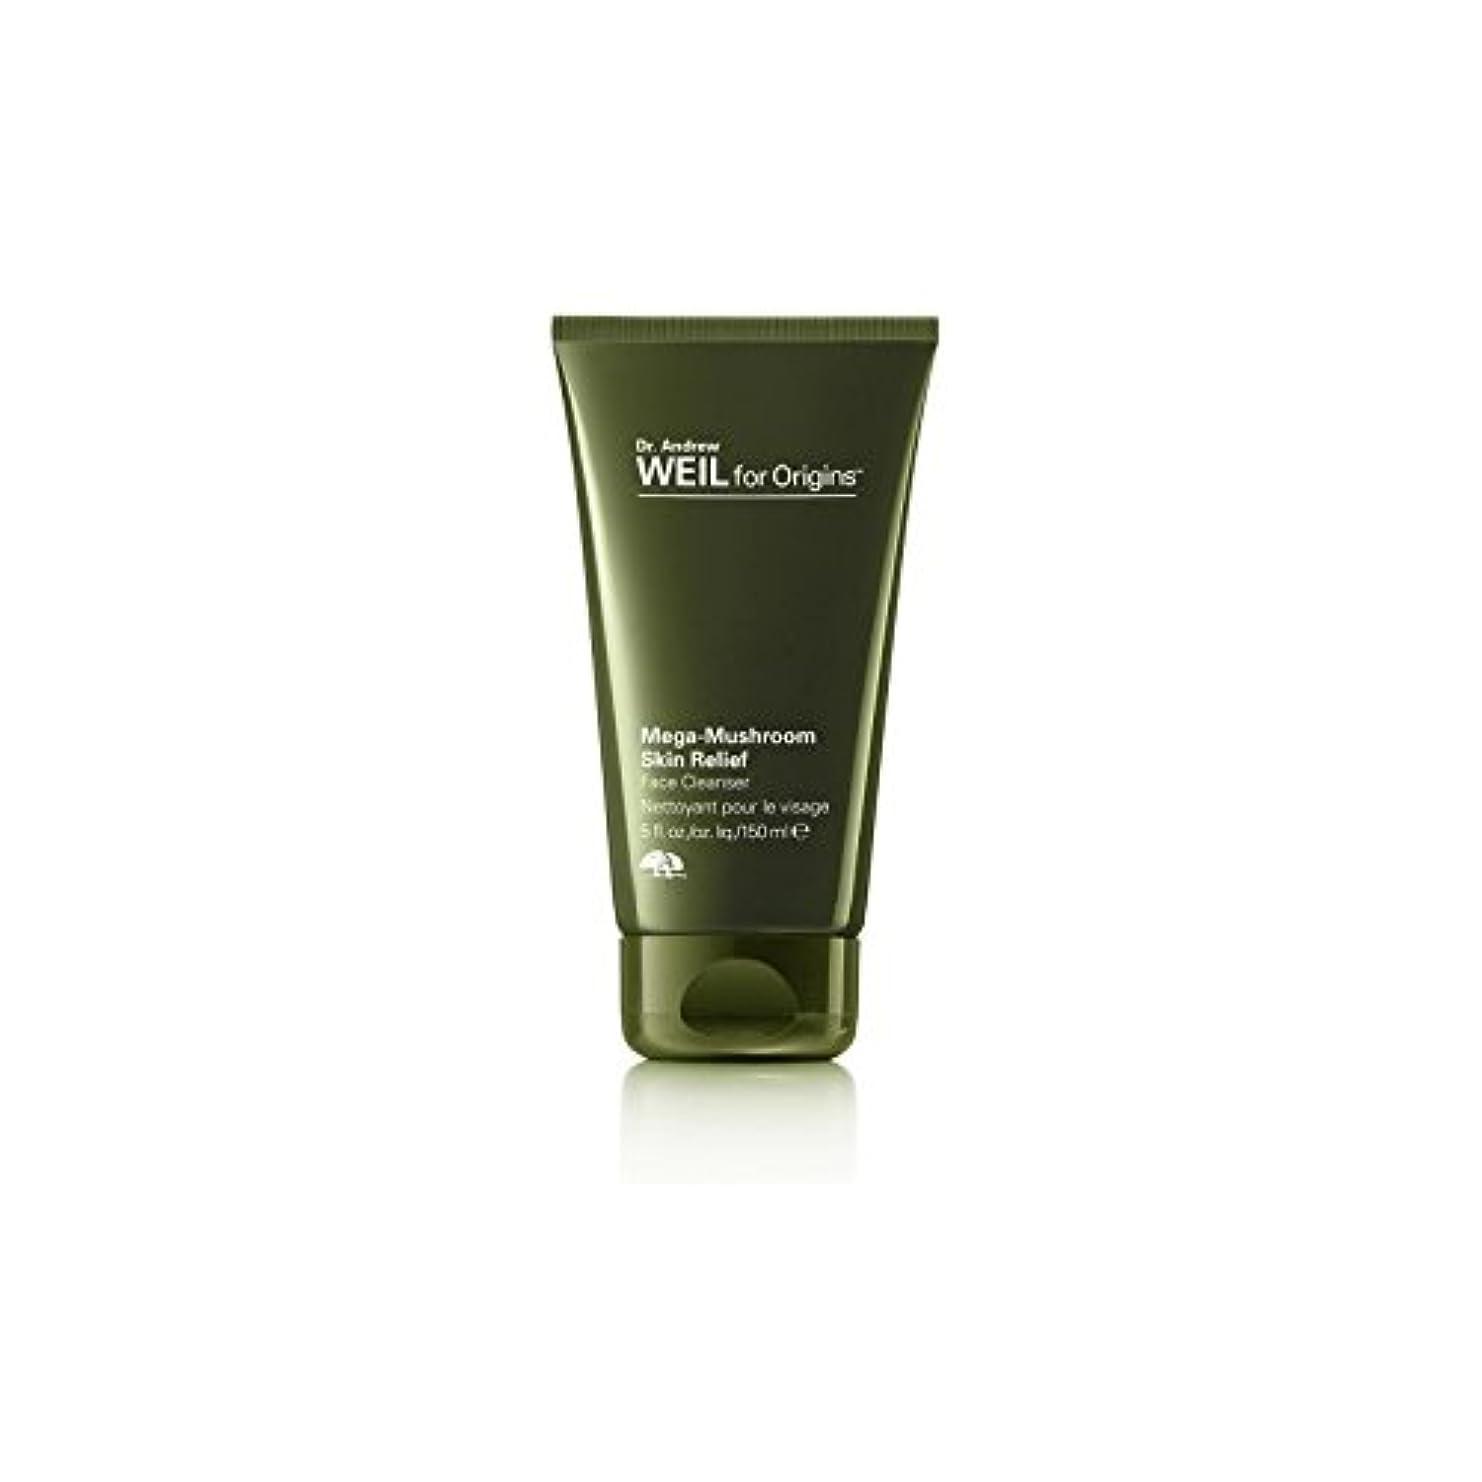 配分チョコレート起業家起源アンドルー?ワイル起源メガキノコ皮膚救済顔クレンザー150ミリリットルのために x4 - Origins Dr. Andrew Weil For Origins Mega-Mushroom Skin Relief Face...